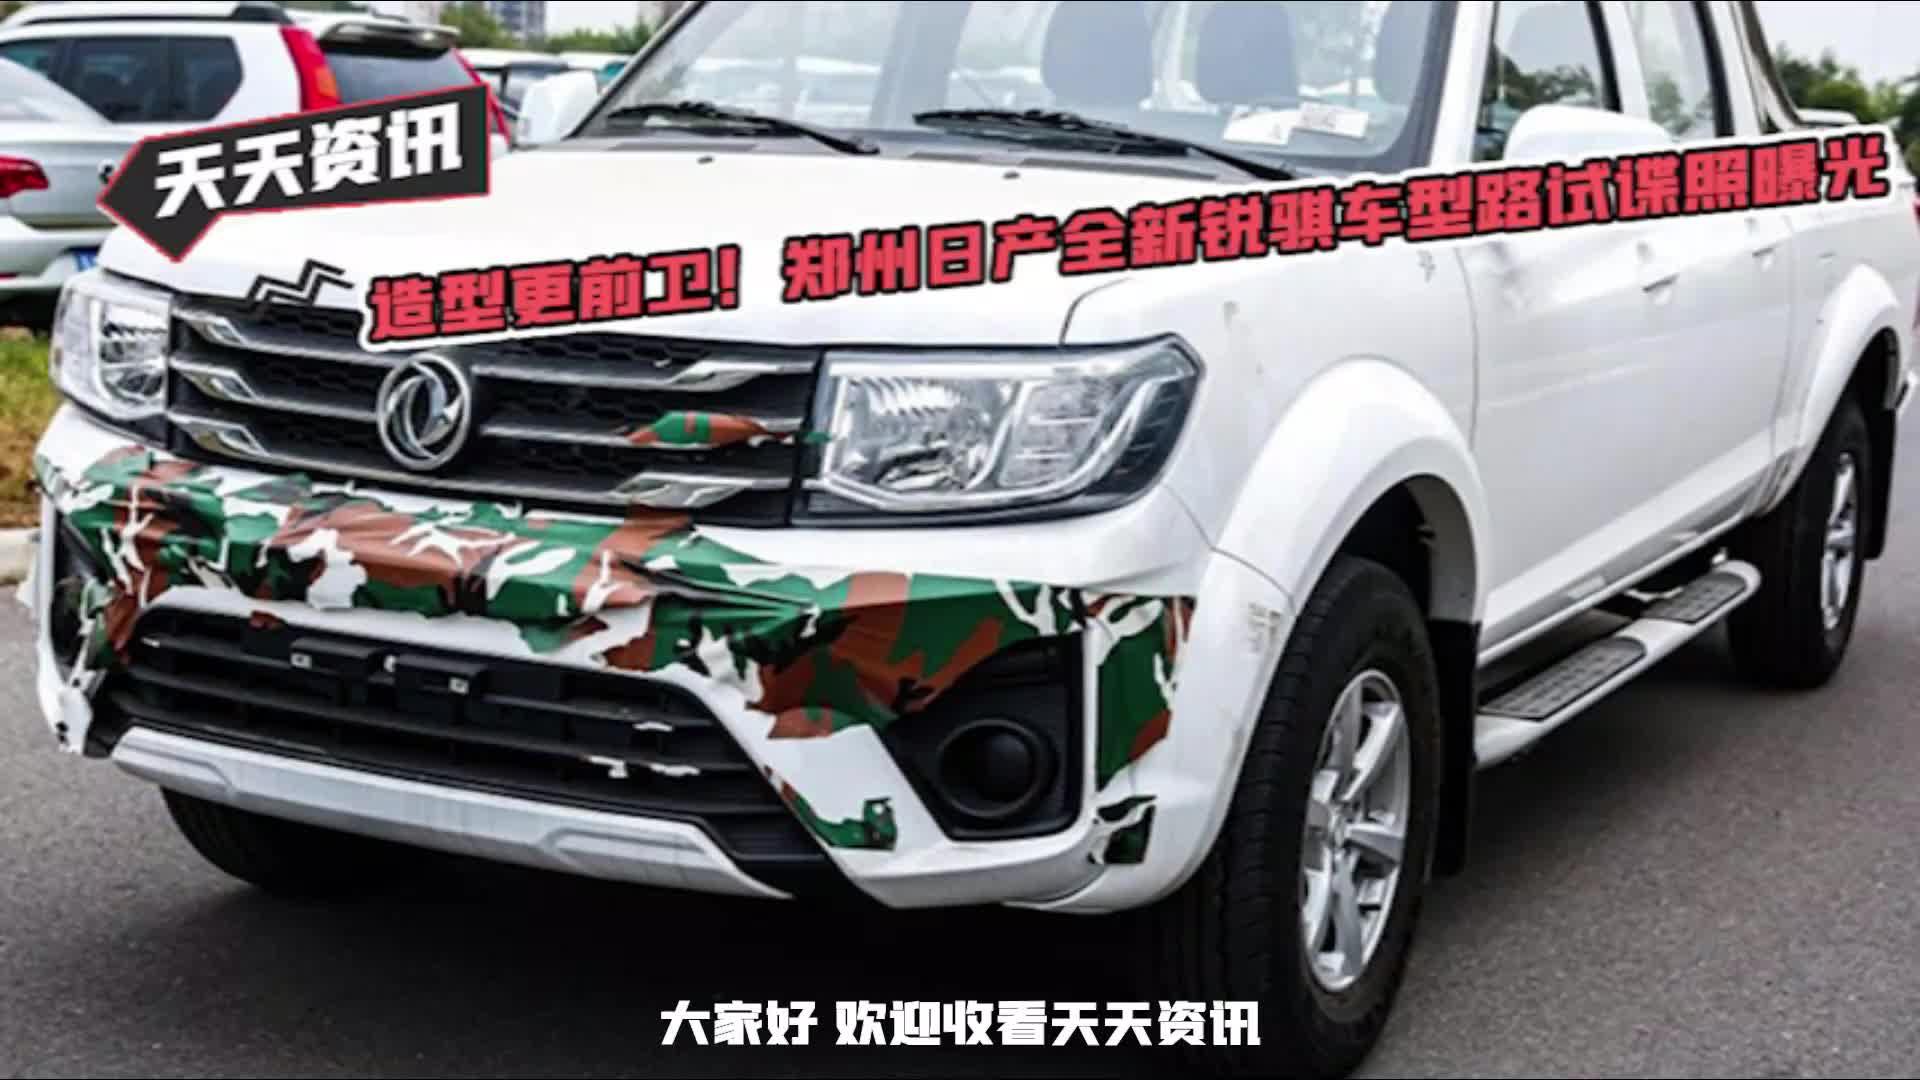 视频:【天天资讯】造型更前卫! 郑州日产全新锐骐车型路试谍照曝光